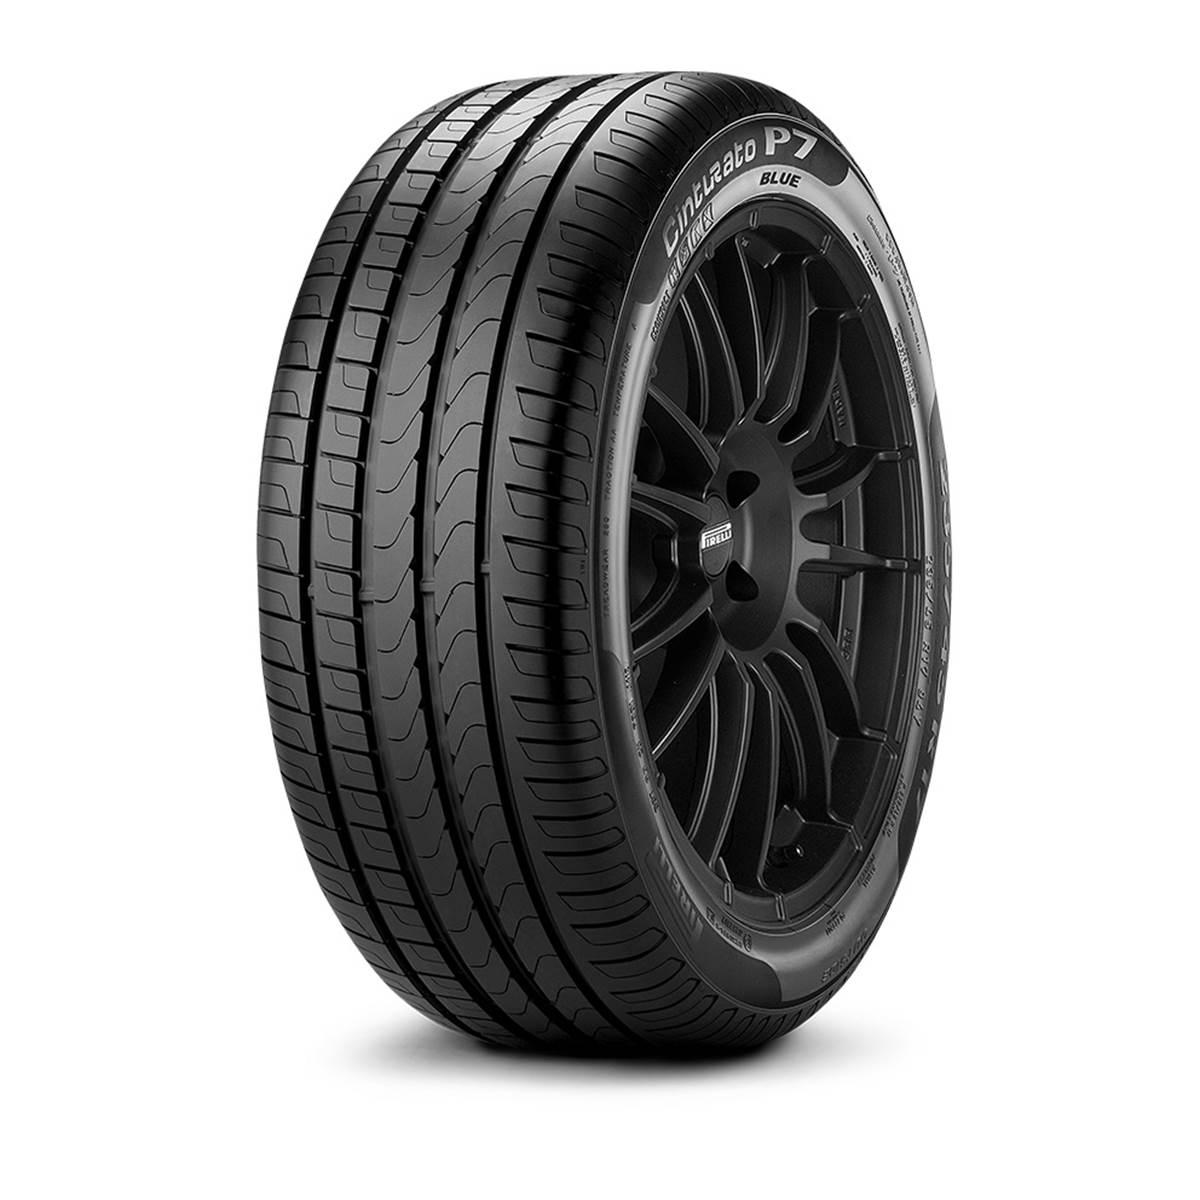 Pneu Pirelli 235/40R18 95Y Cinturato P7 Blue